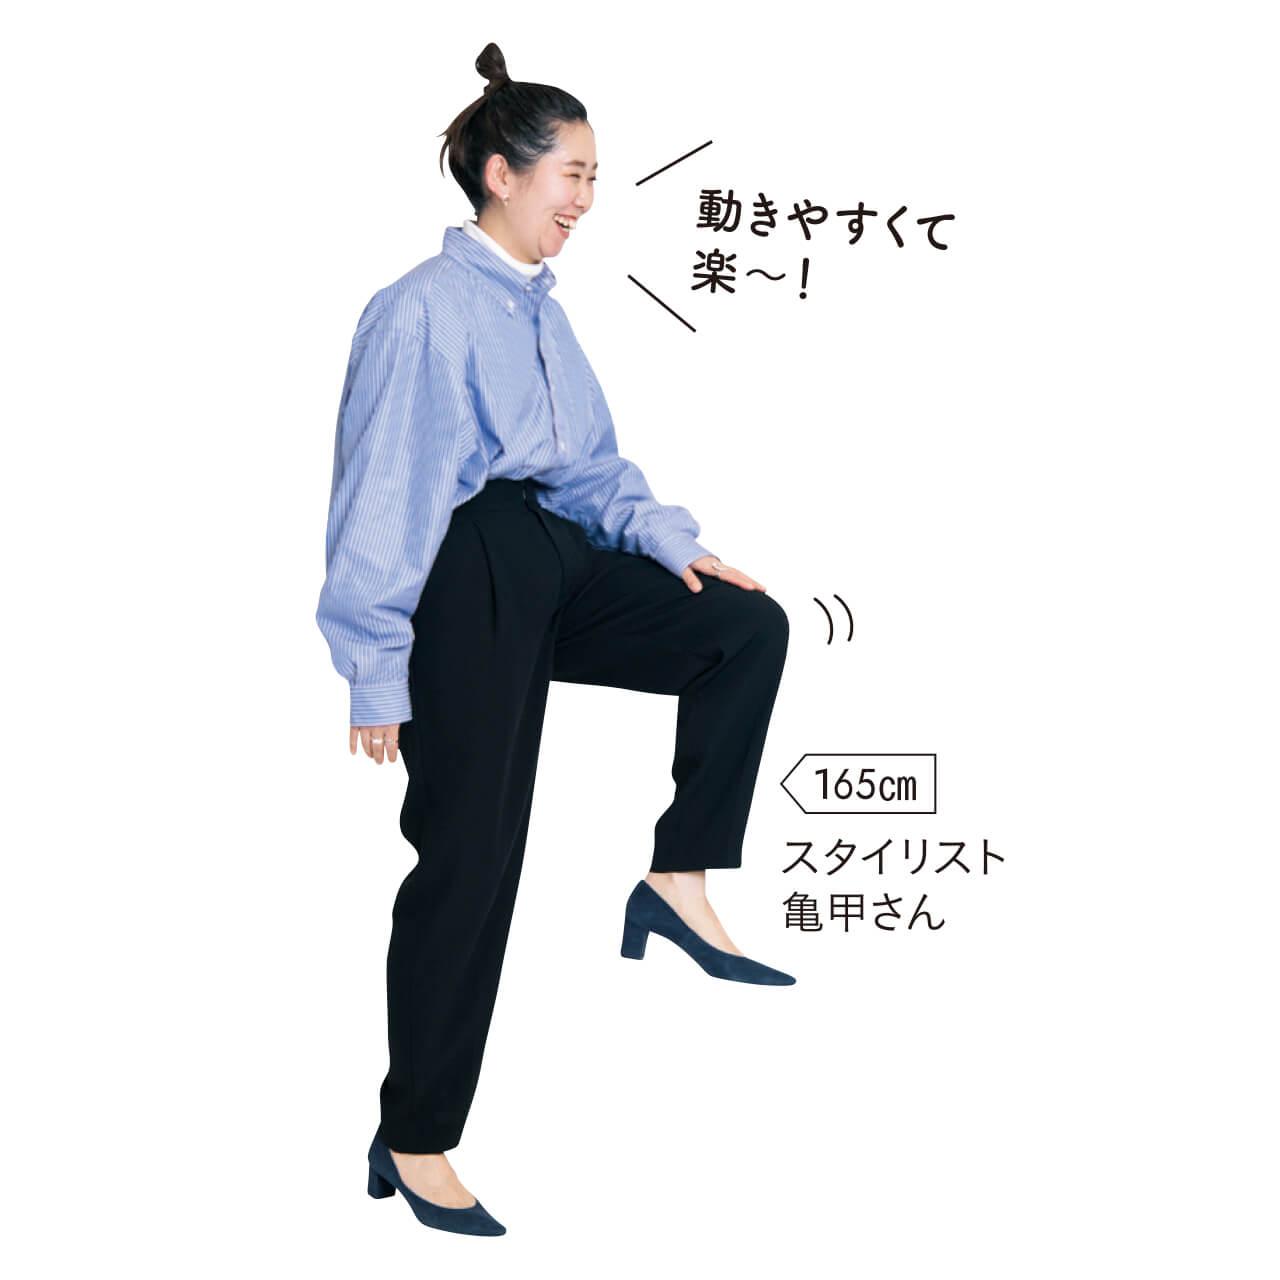 N.O.R.C by the lineの「ジョーゼットストレートパンツ」165cm スタイリスト亀甲さん「動きやすくて楽〜!」